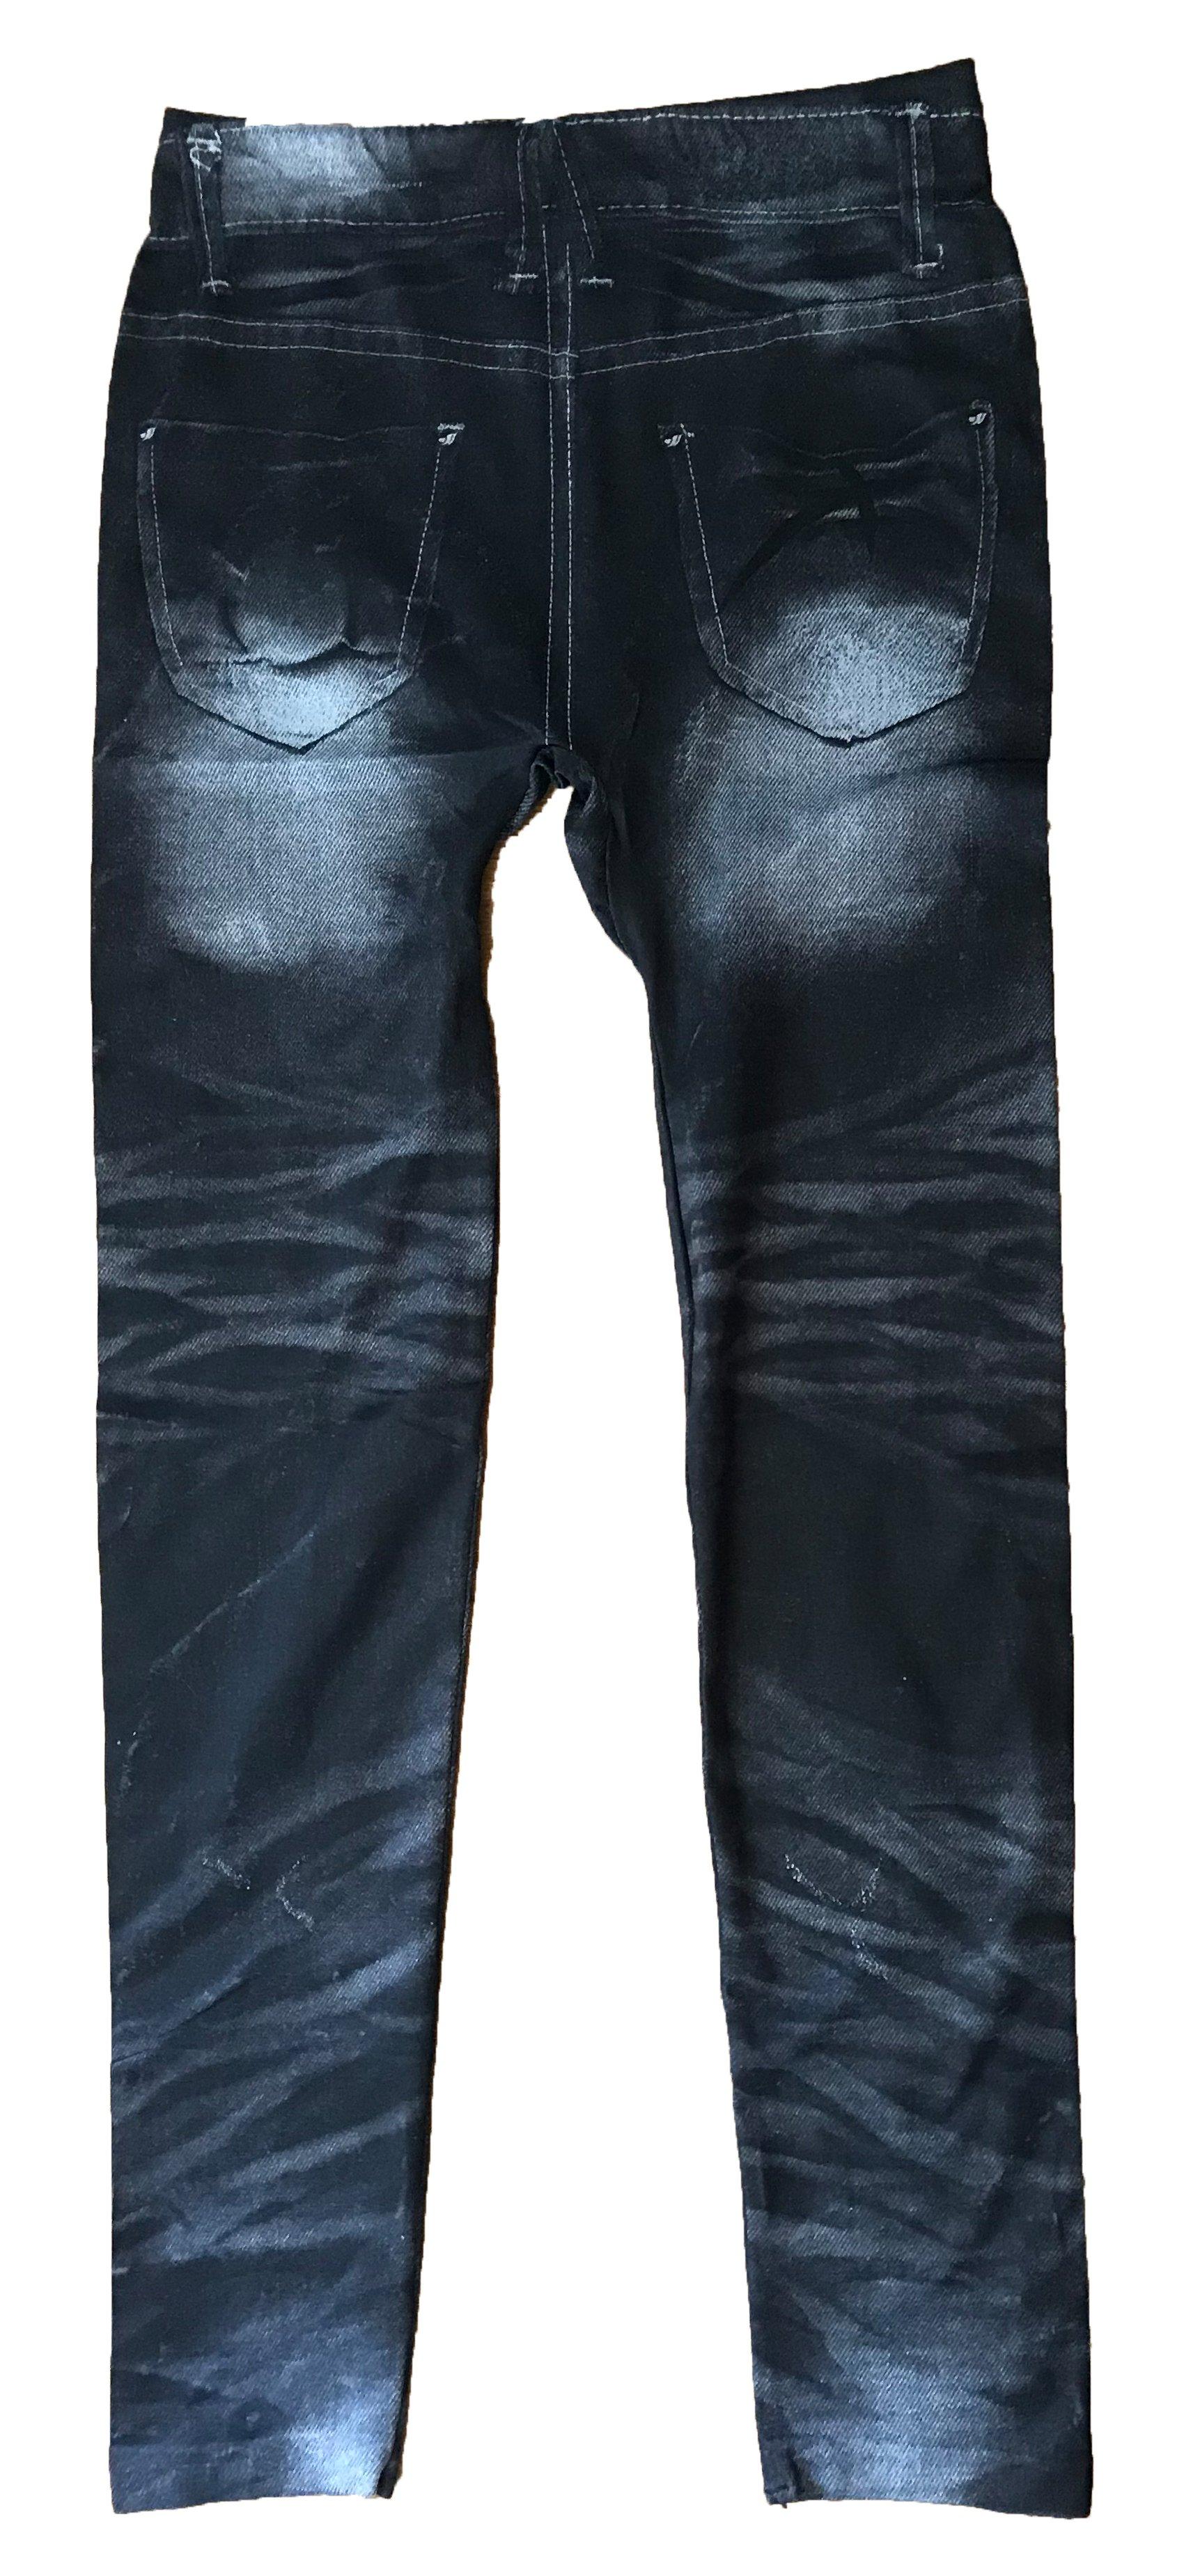 Svarta jeansleggings med tryck